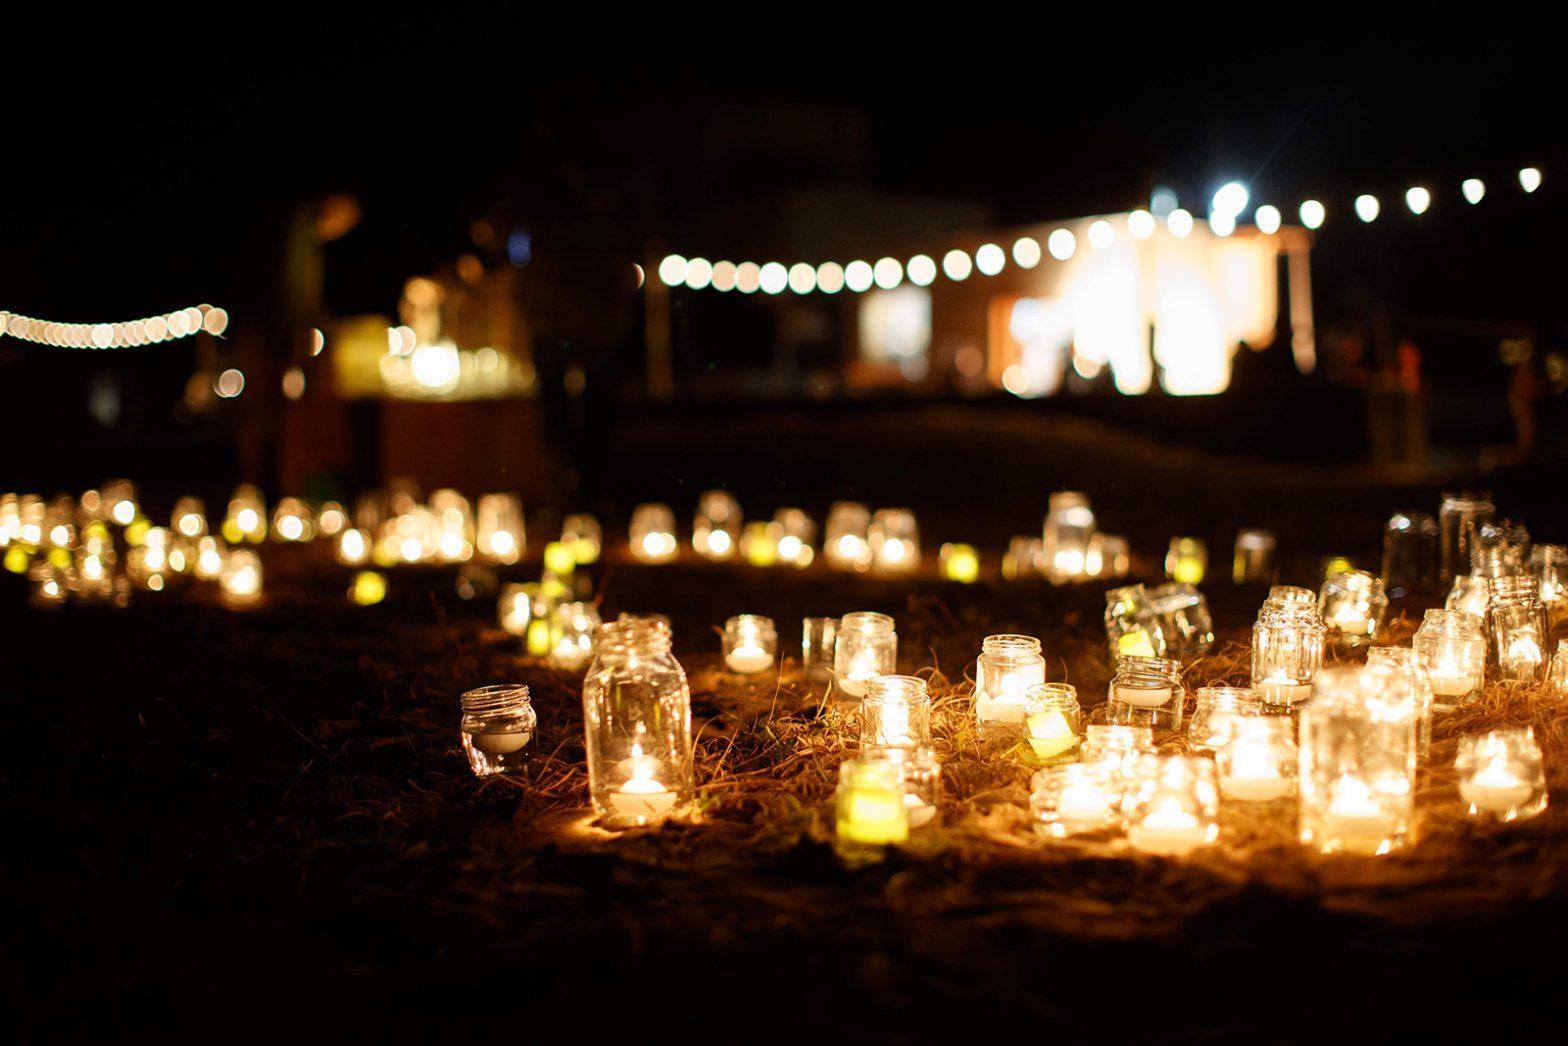 「うみと灯りの日」〜父母ヶ浜の夜を楽しむ、灯りの文化祭〜